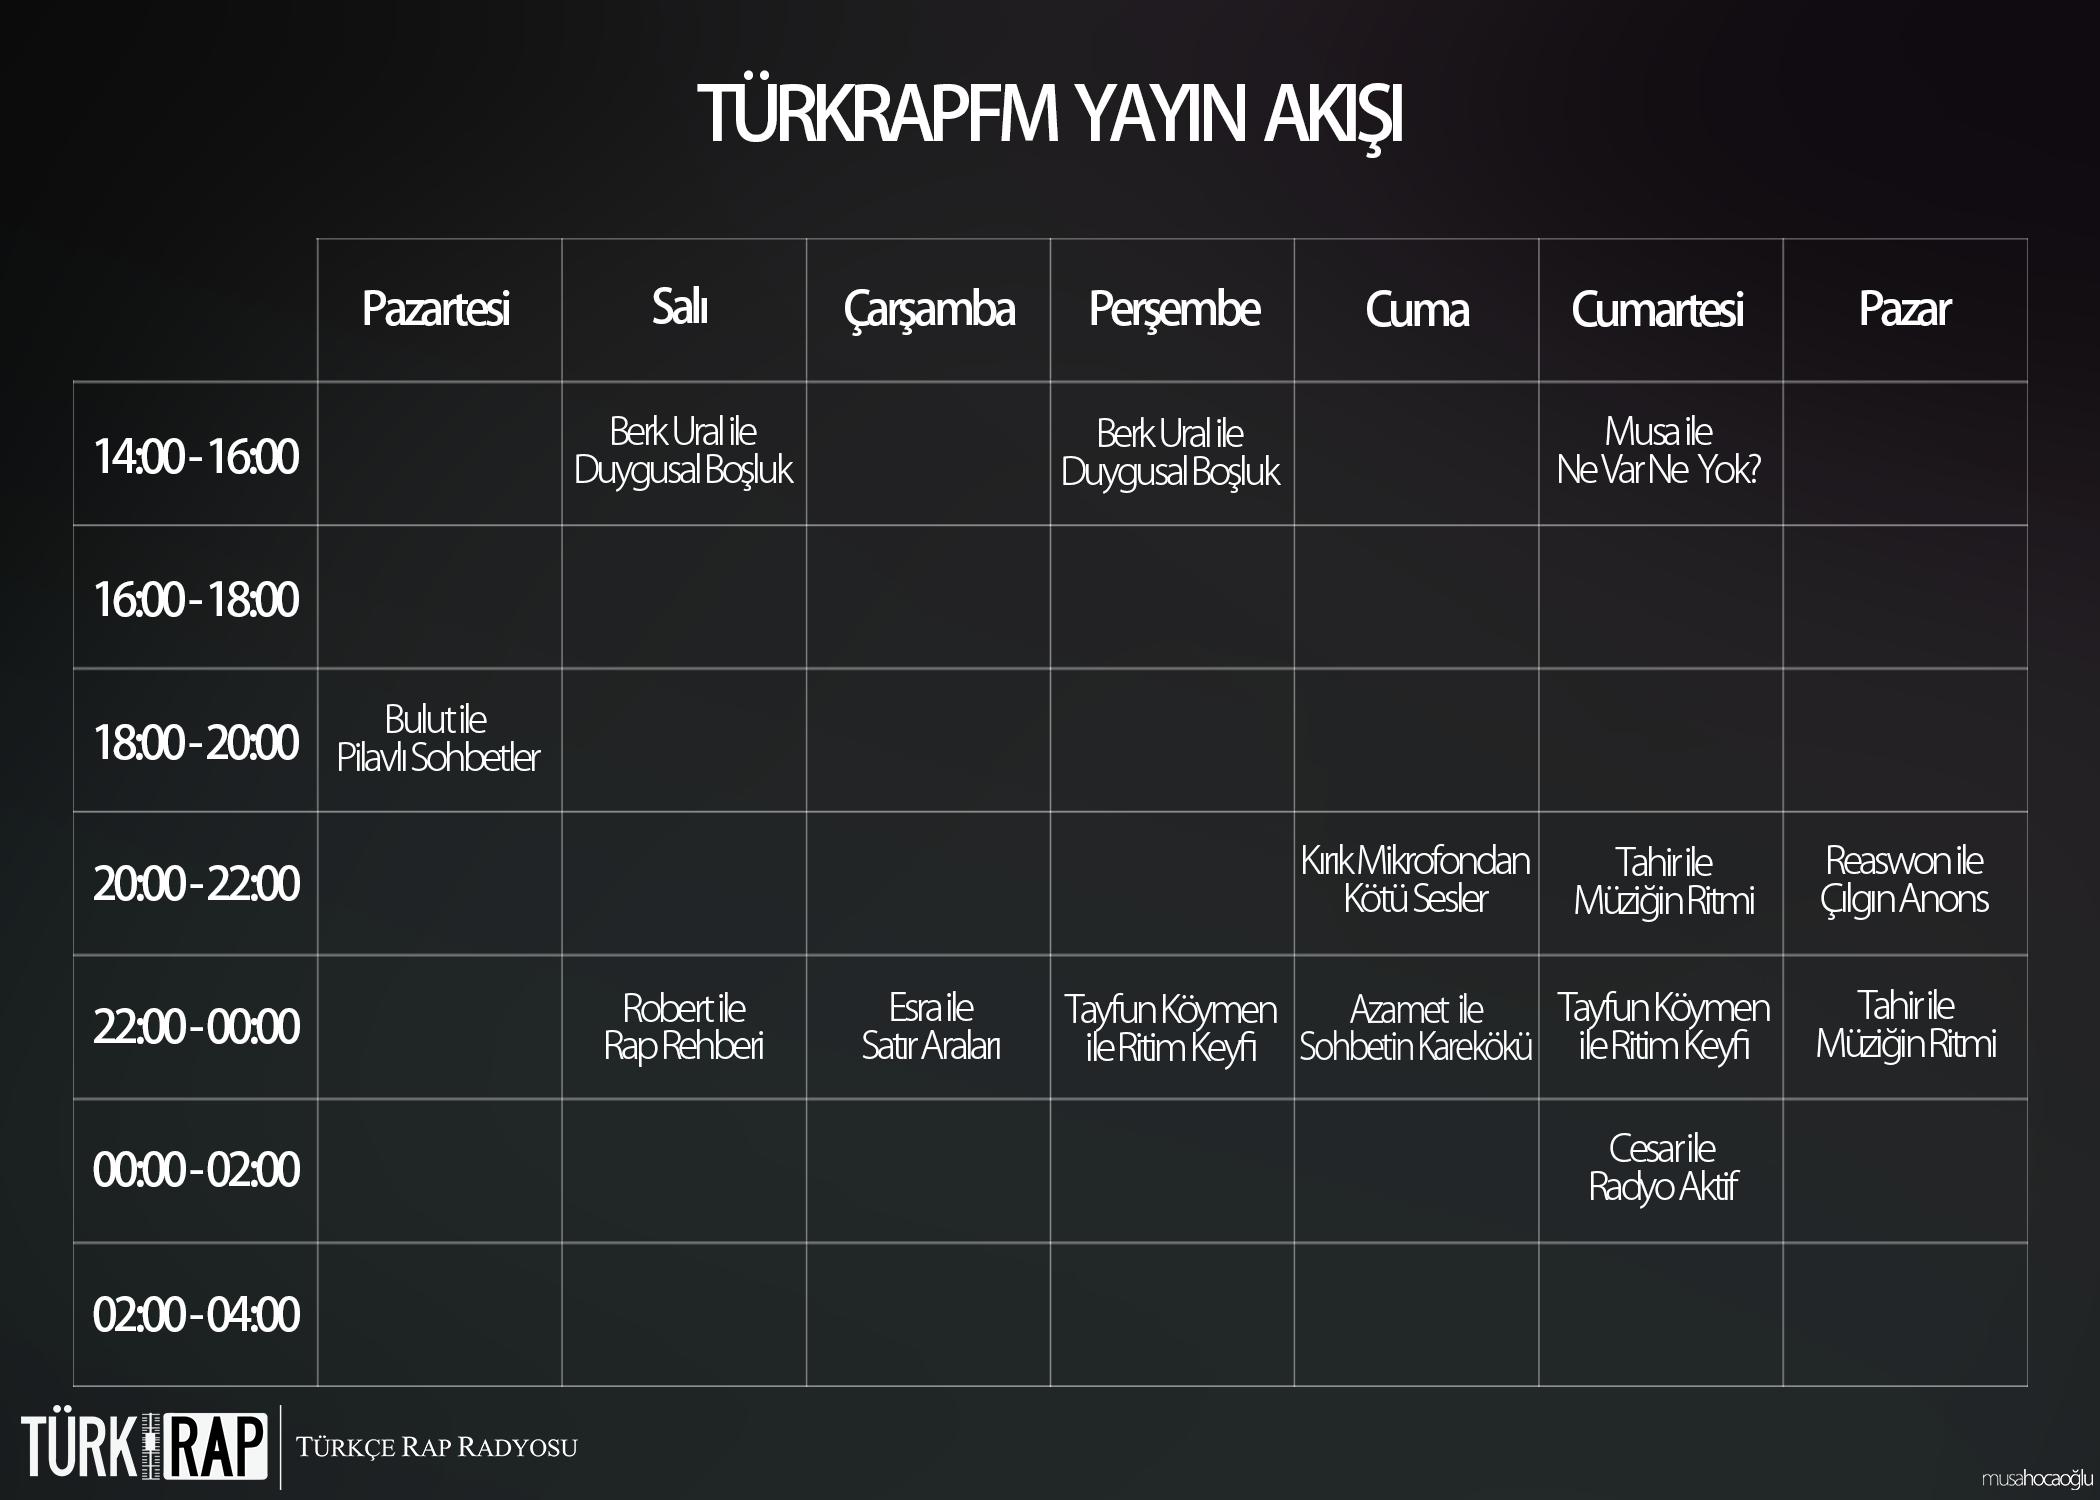 turkrapfm yayın akışı